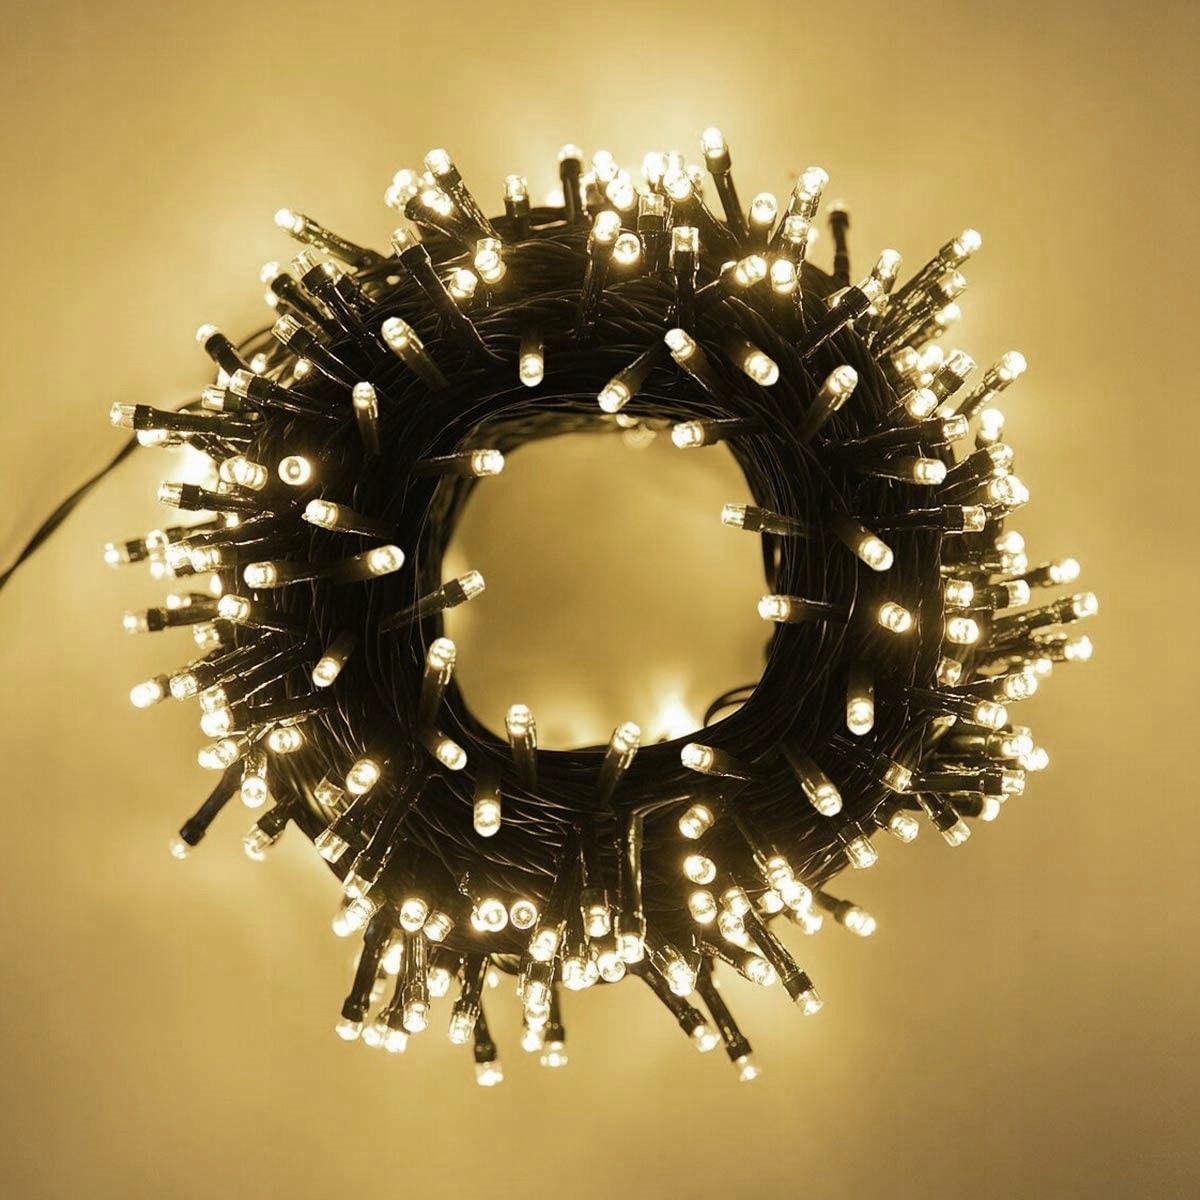 ДЕРЕВІ ЛАМПИ 500 світлодіодних зовнішніх товстих спалахів Колір лампи різний